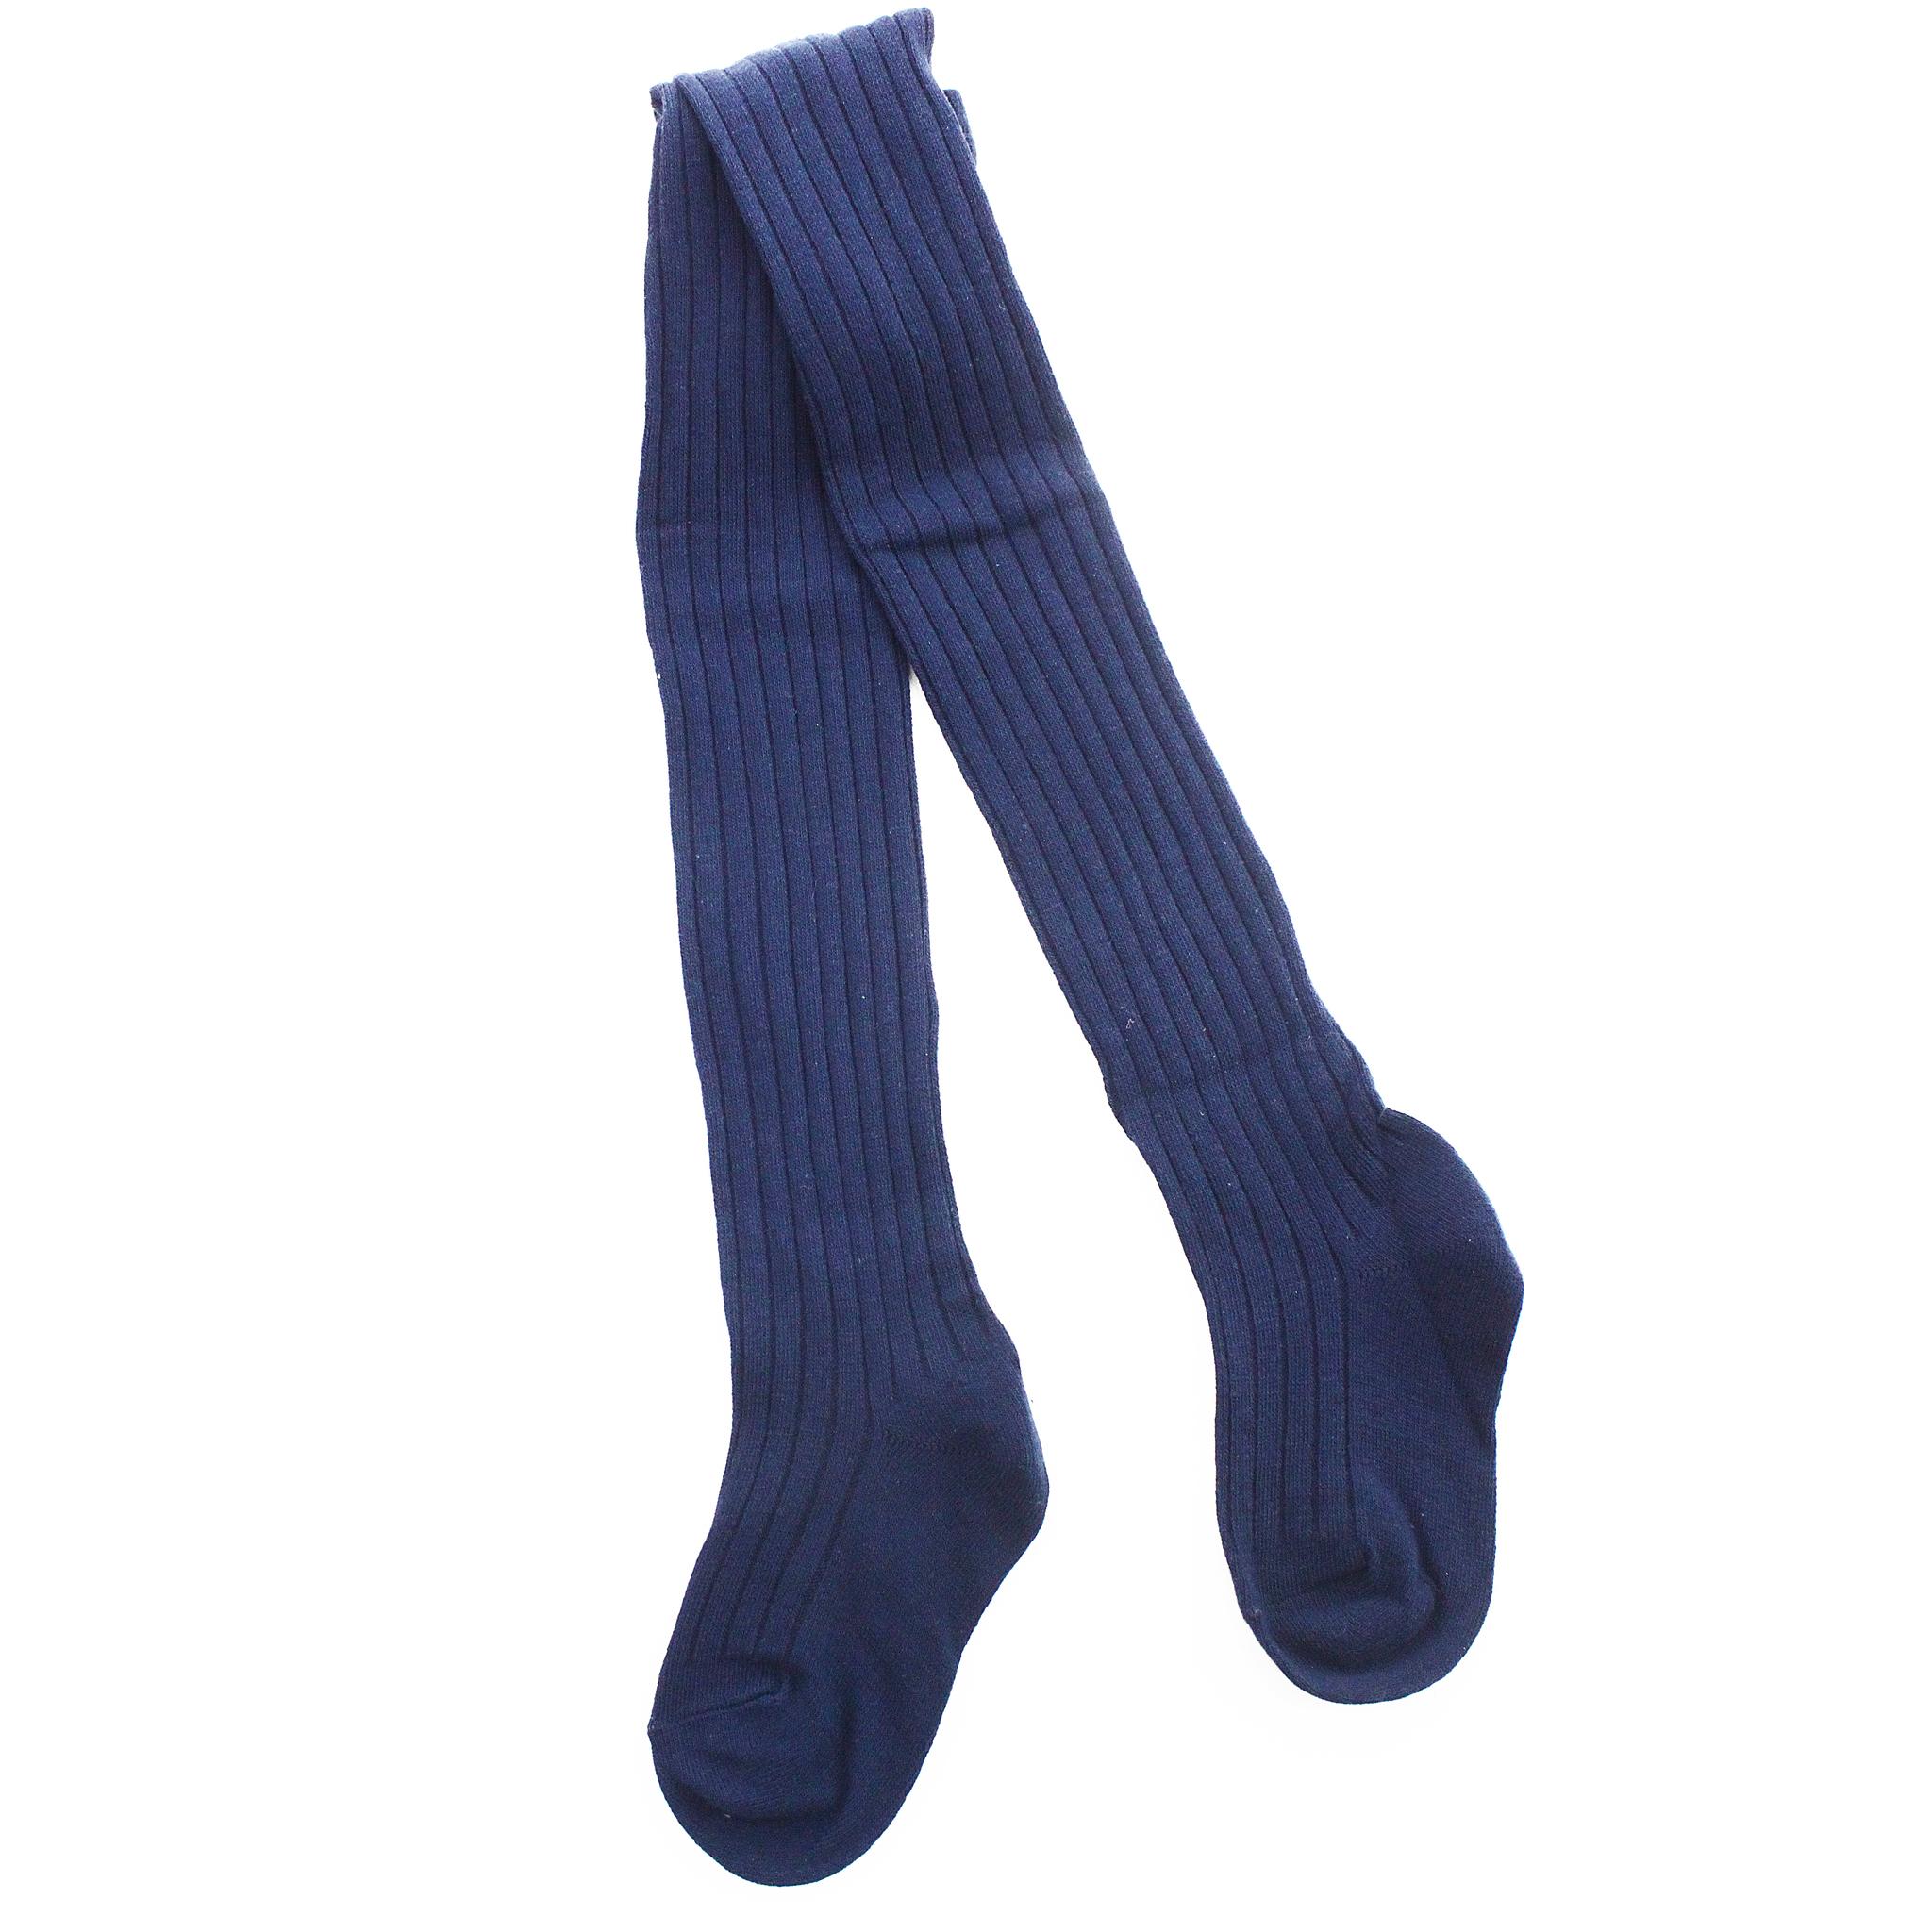 Колготки Рельефные Синие Рост 115 см. до 125 см.